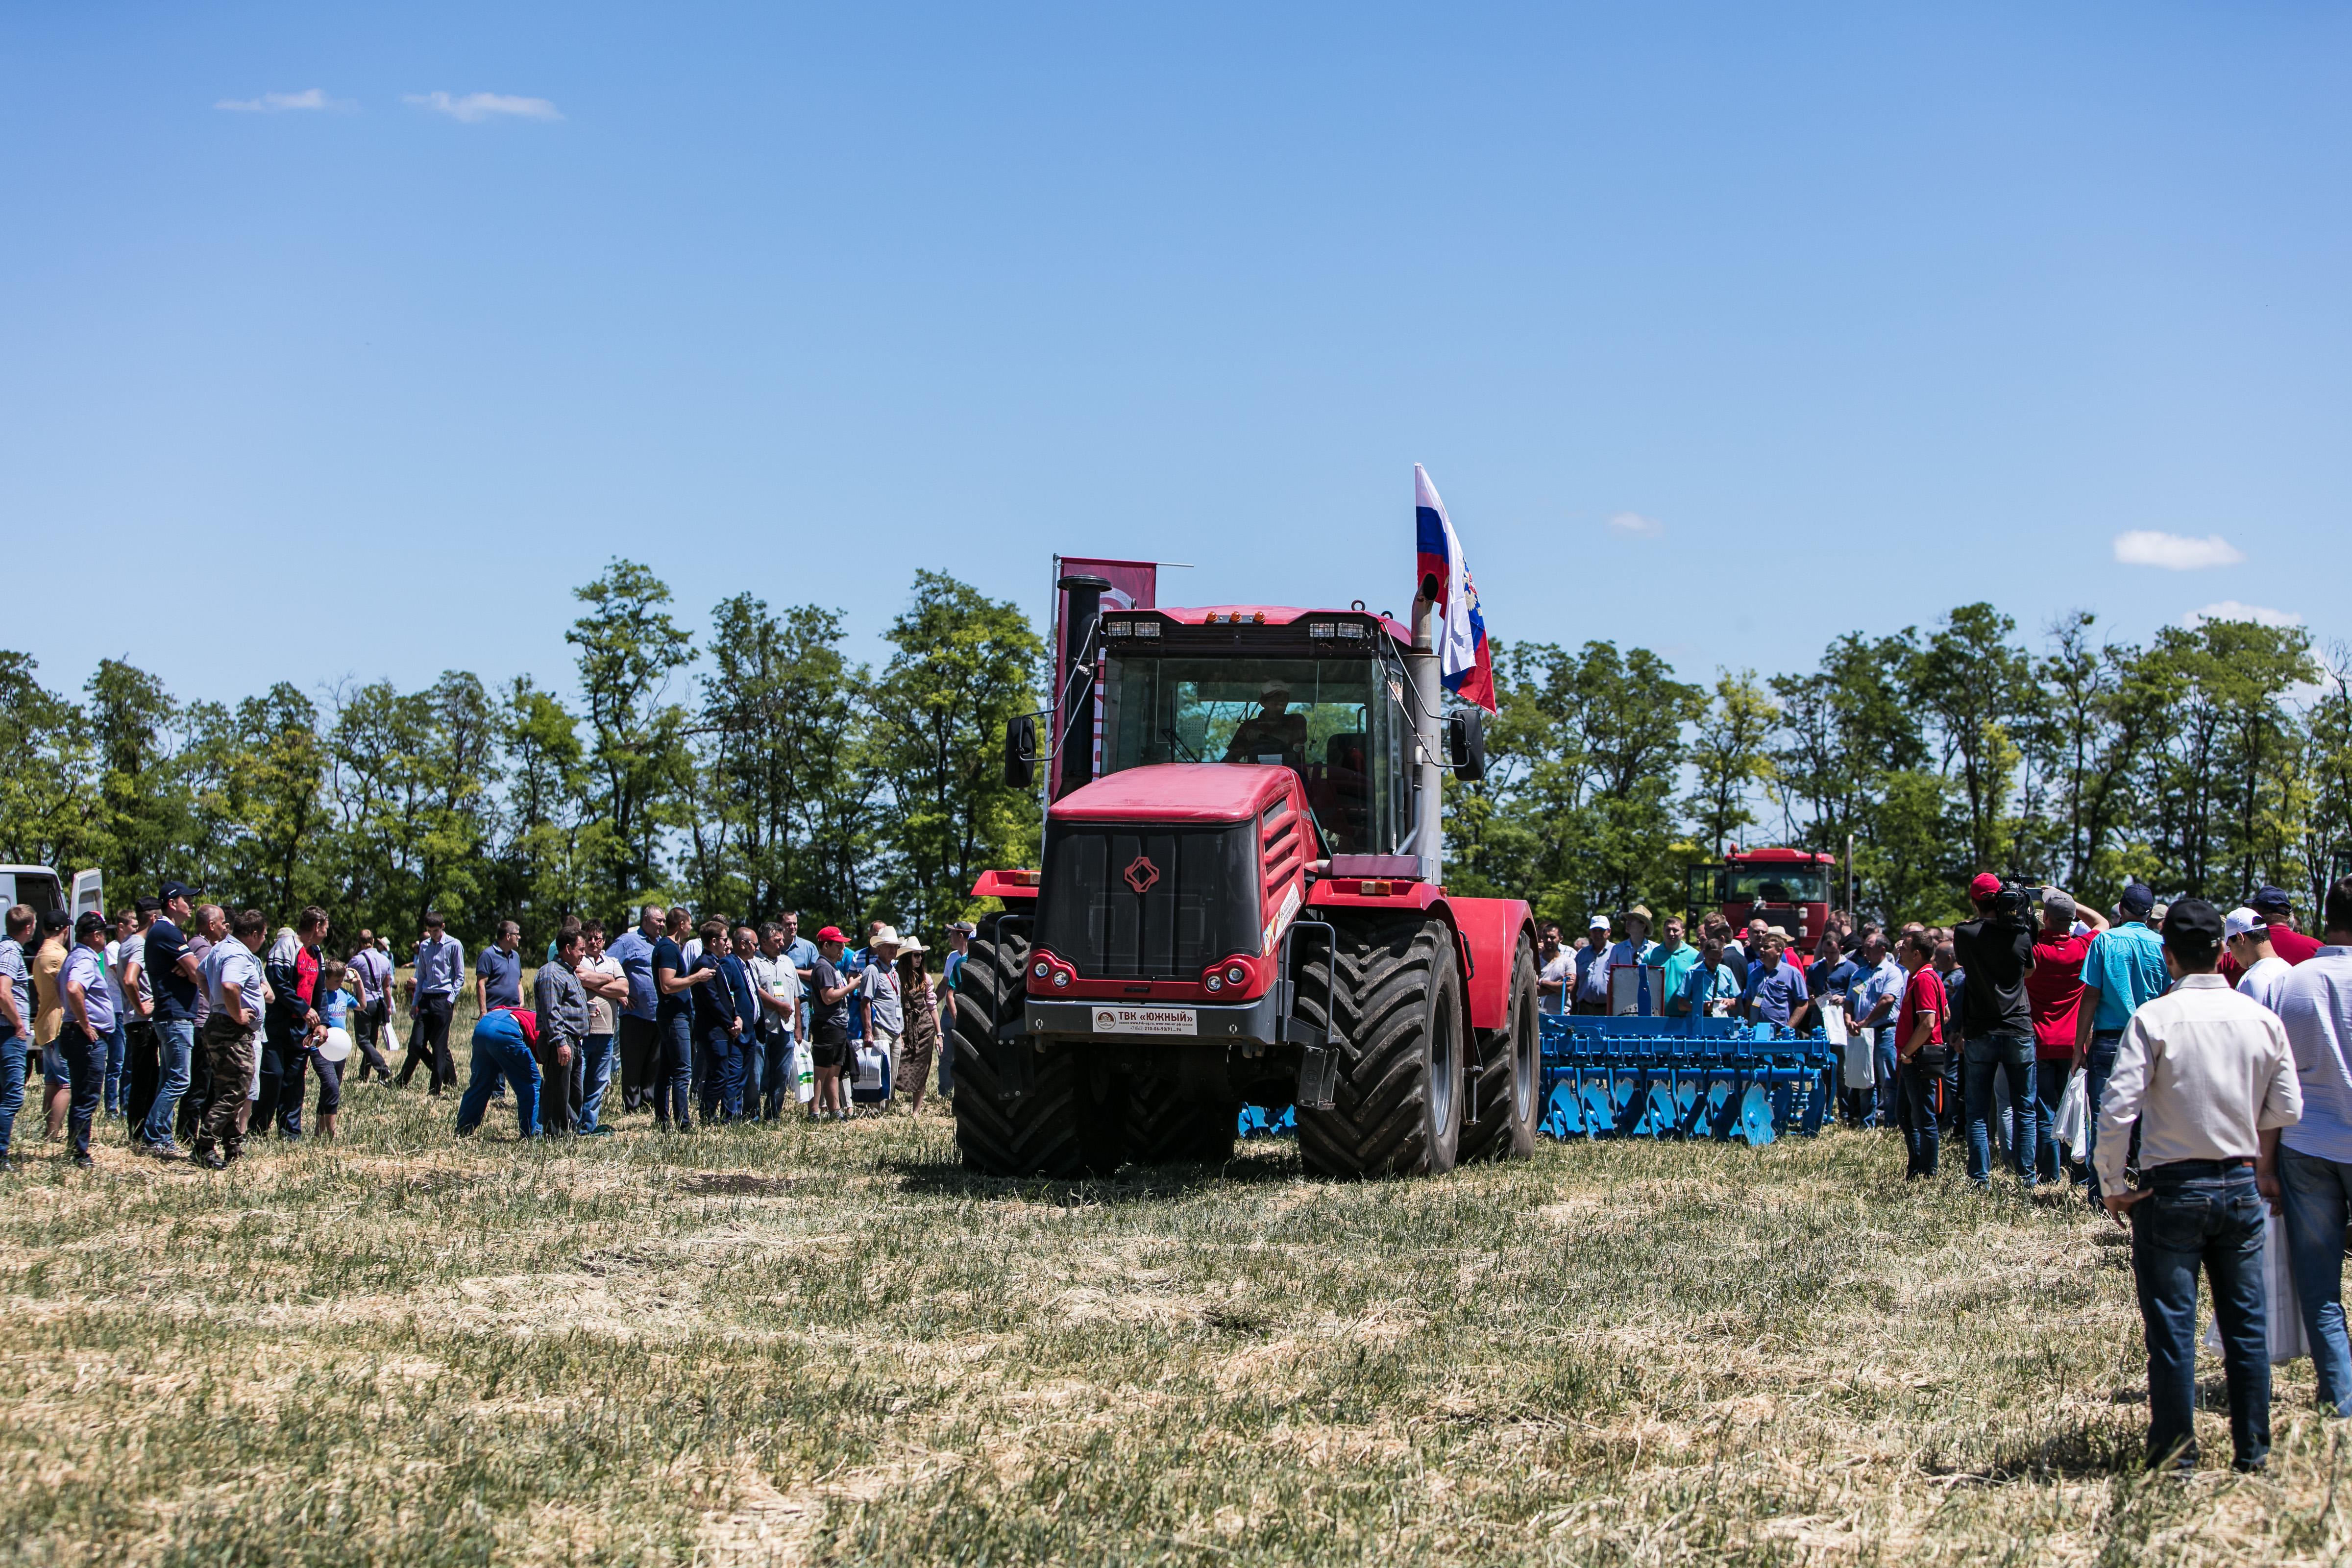 Достижения мирового агробизнеса представят на Дне донского поля в Зерноградском районе c 19 по 21 августа